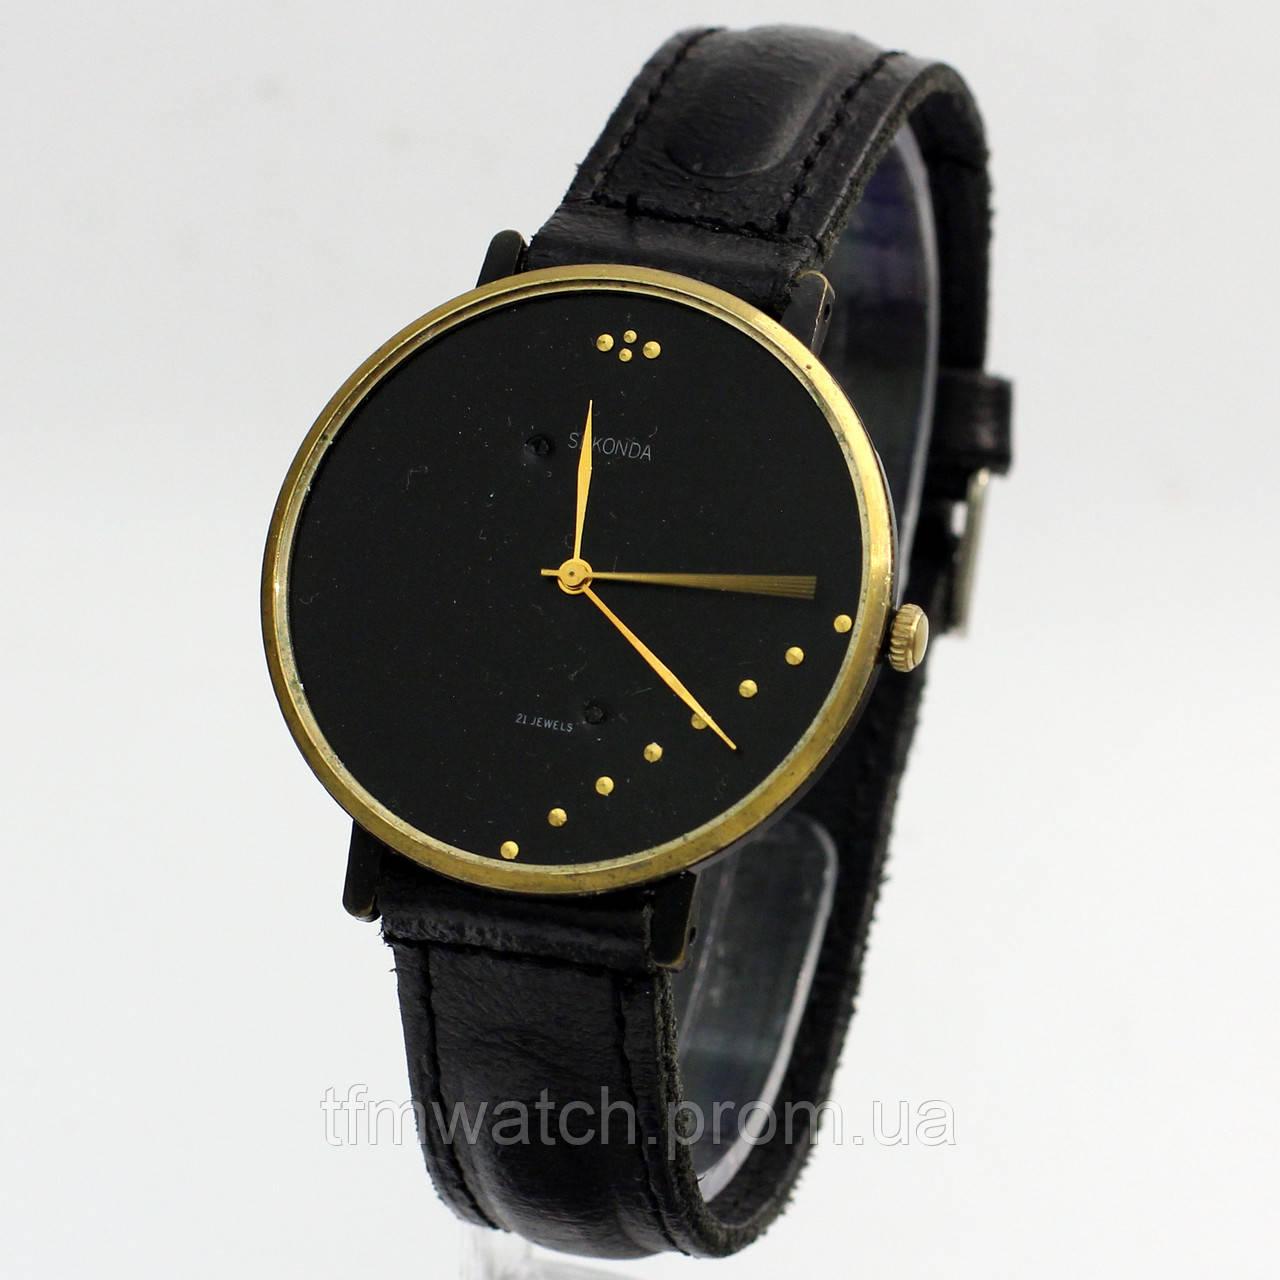 Женские часы москва купить большие браслет ремешок для часов купить в